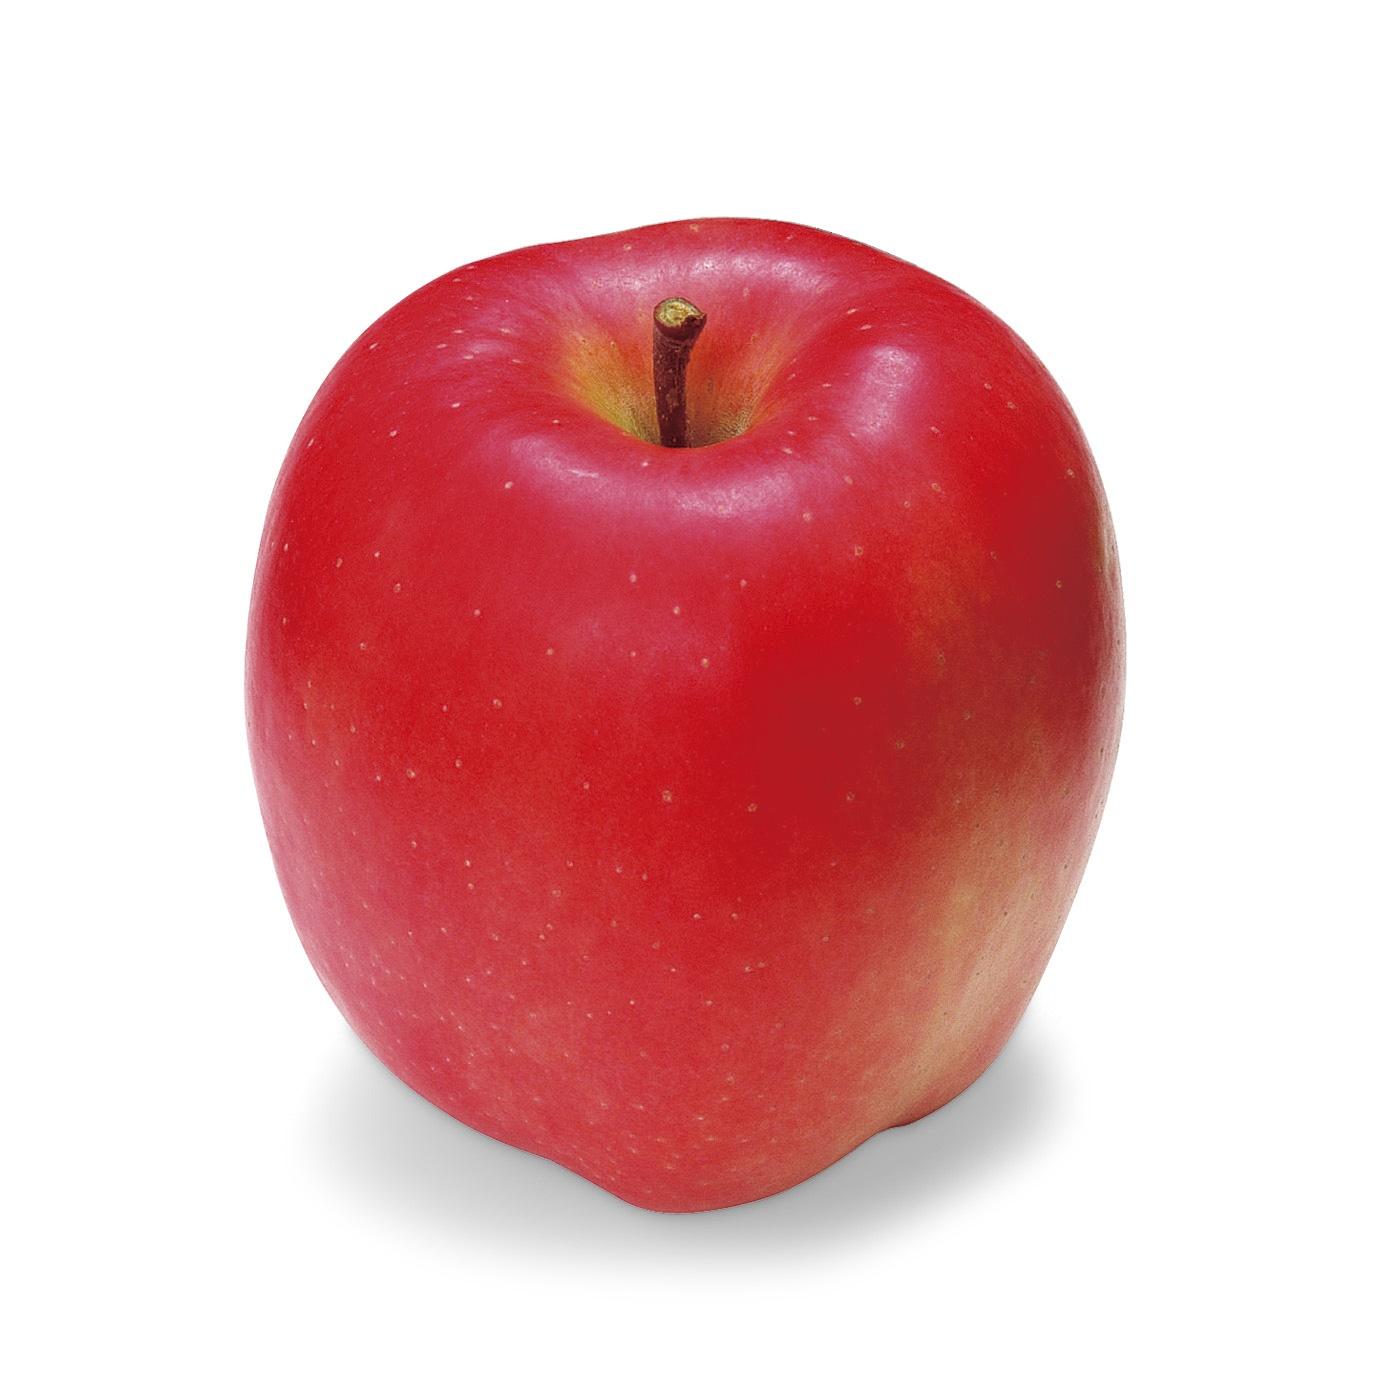 リンゴをひとつご用意ください。